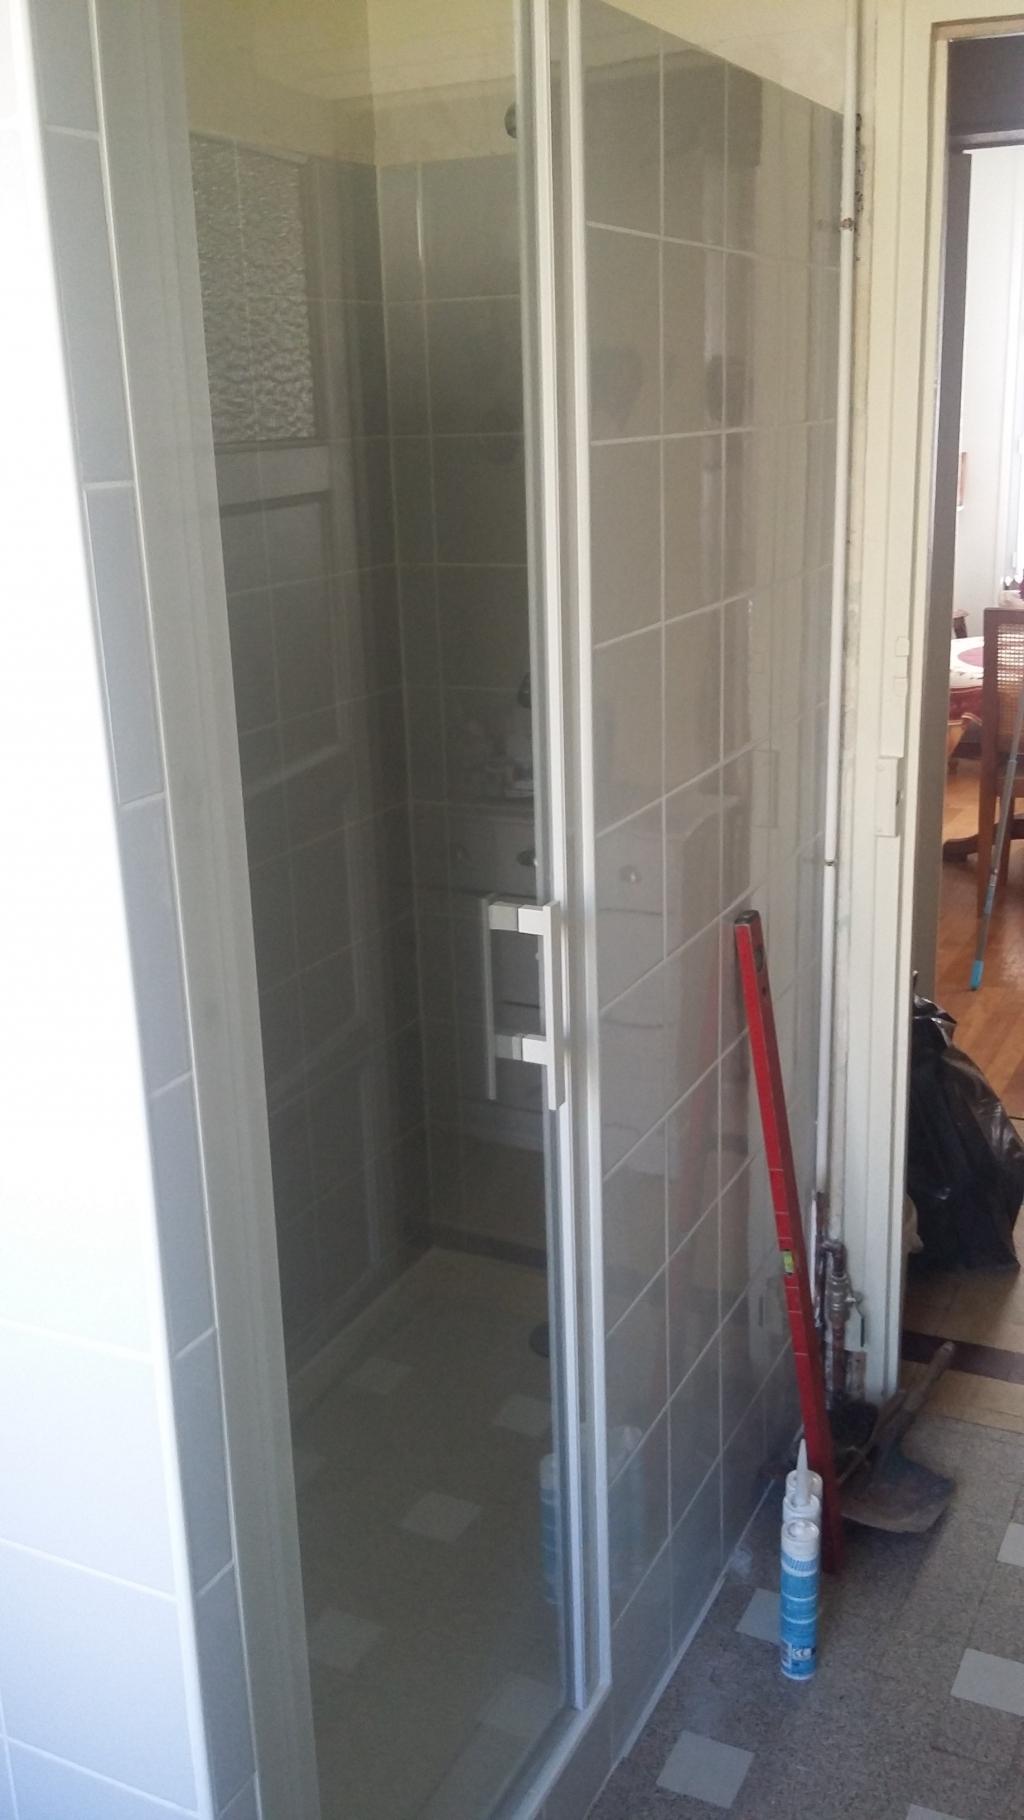 R novation salle de bain remplacement d 39 une baignoire - Remplacement d une baignoire par une douche ...